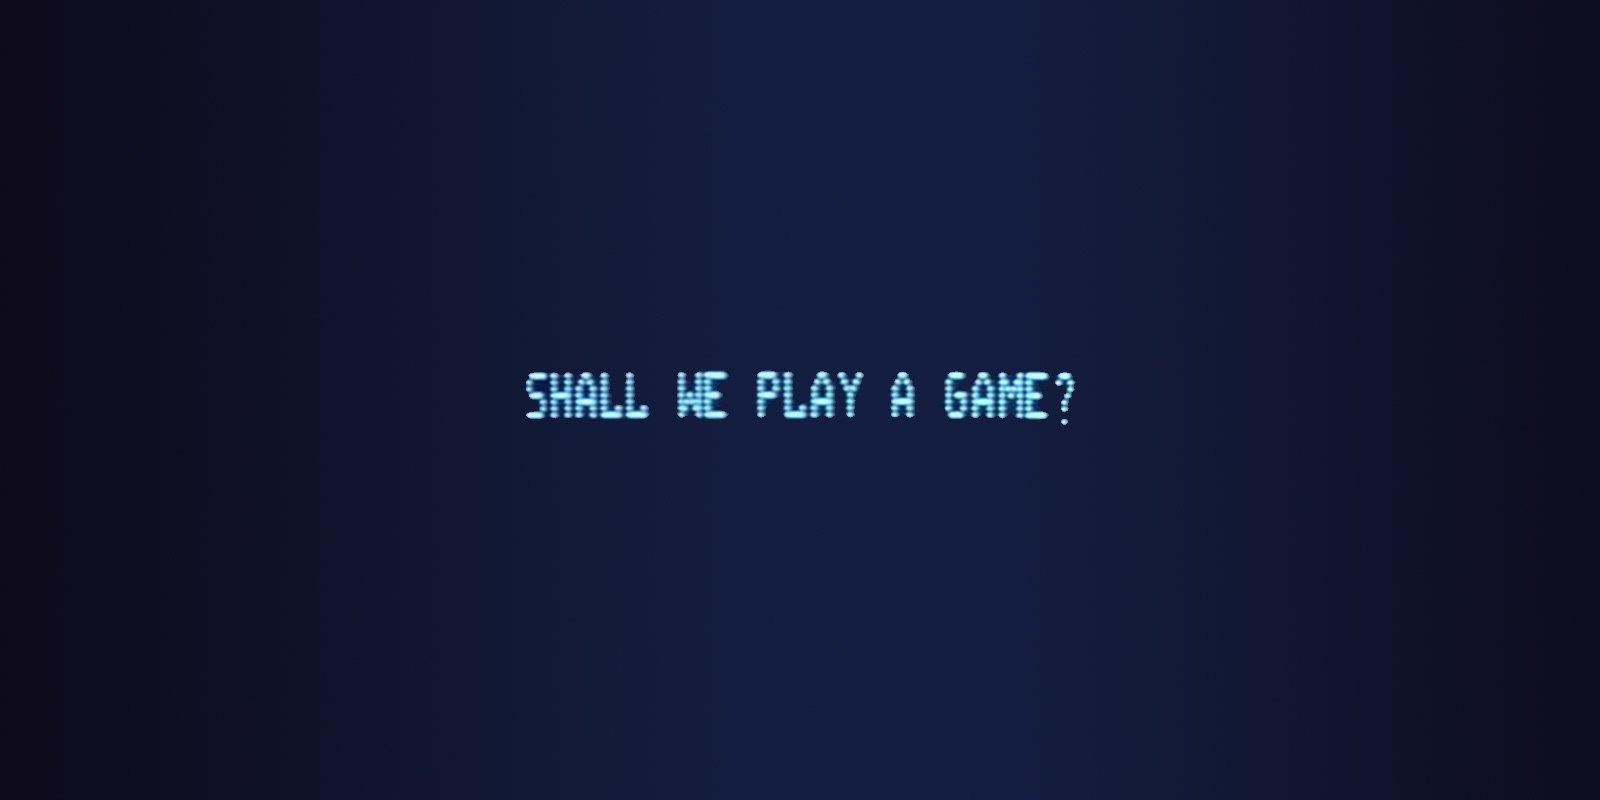 Microsoft bir siber saldırı simülatörü yayınladı - Bir oyun oynayalım mı?